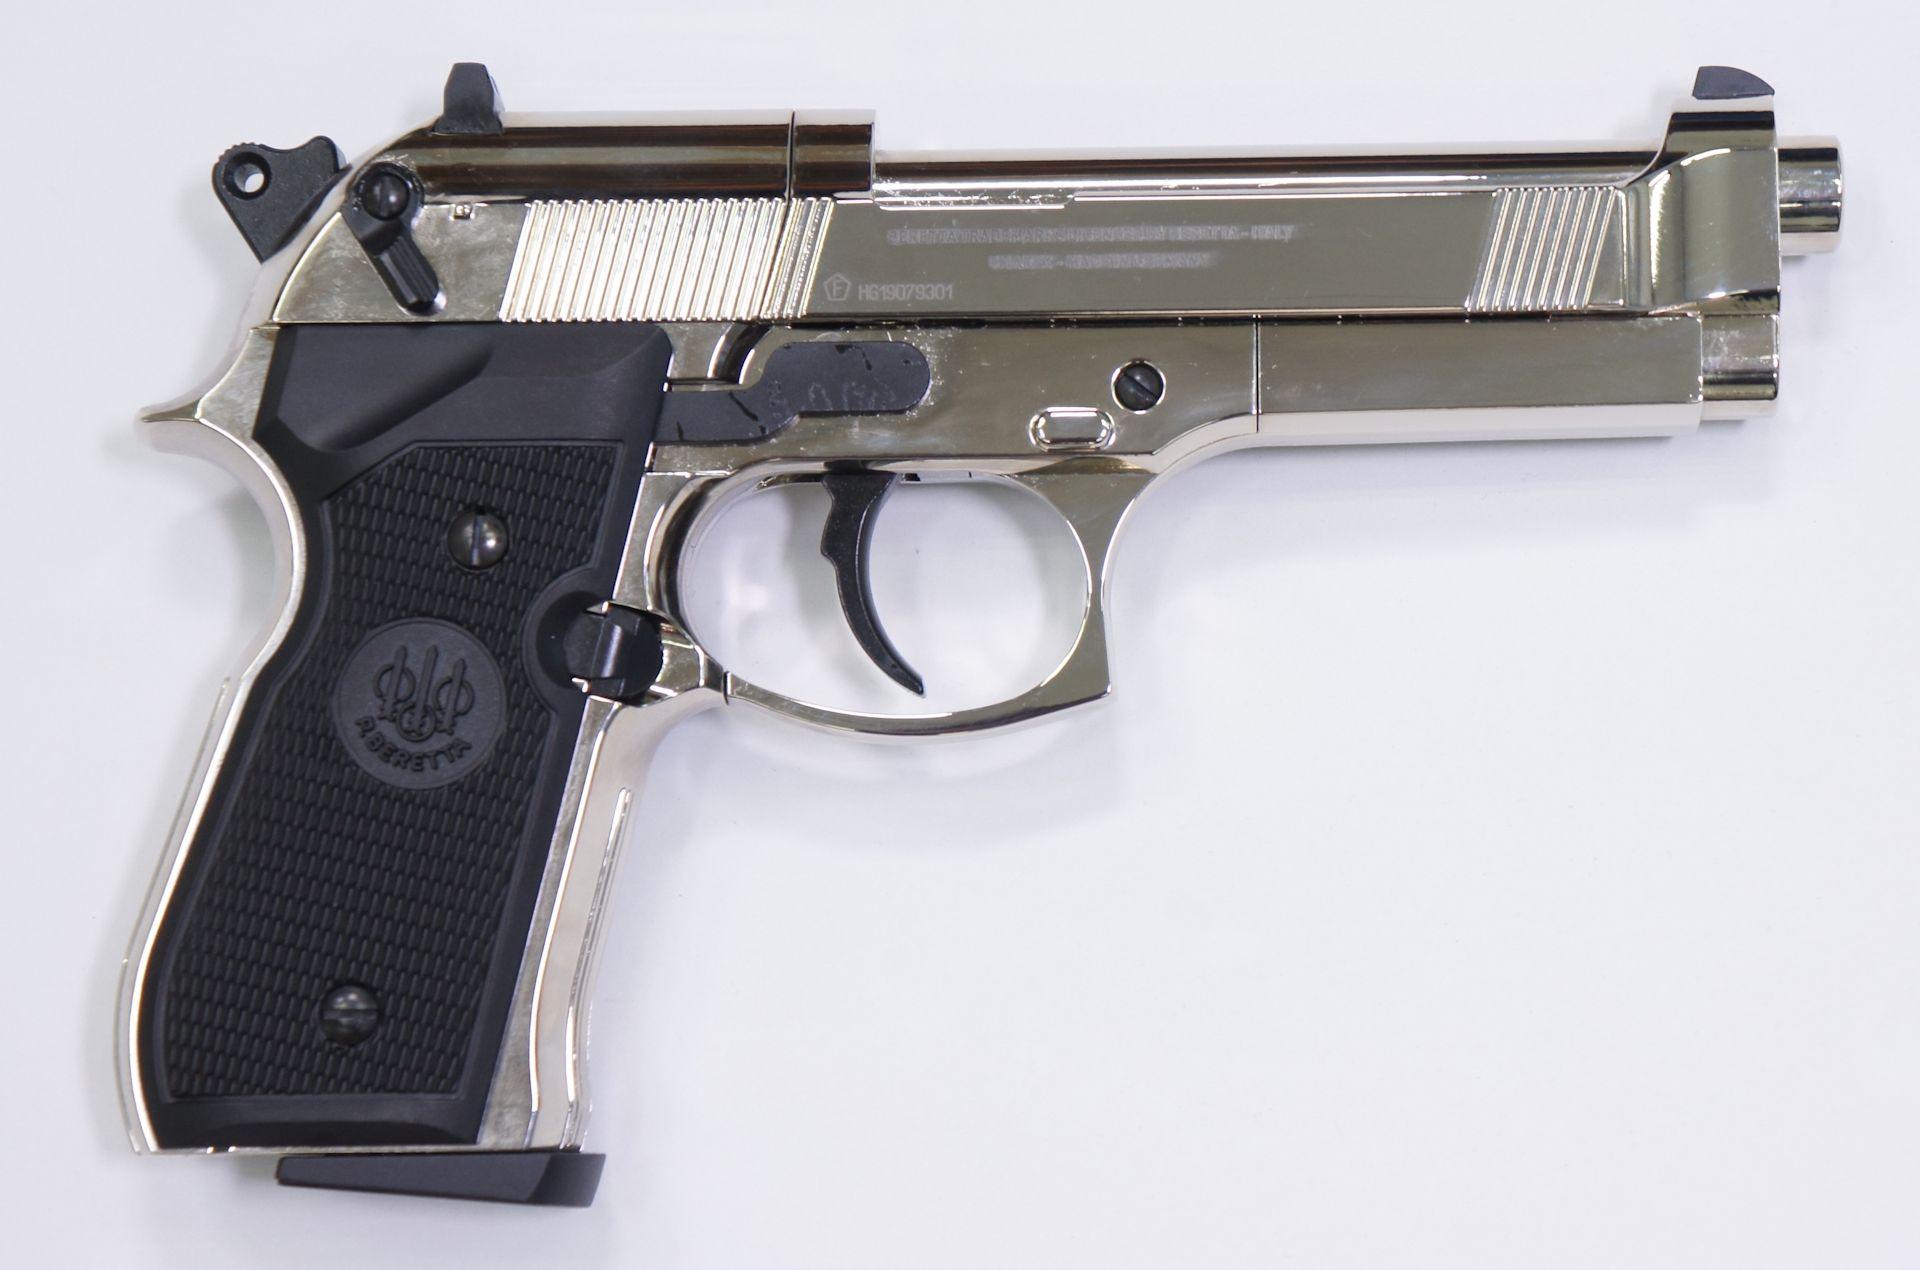 Von der rechten Seite ist die polierte CO2 Pistole Beretta 92 FS genau so authentisch.